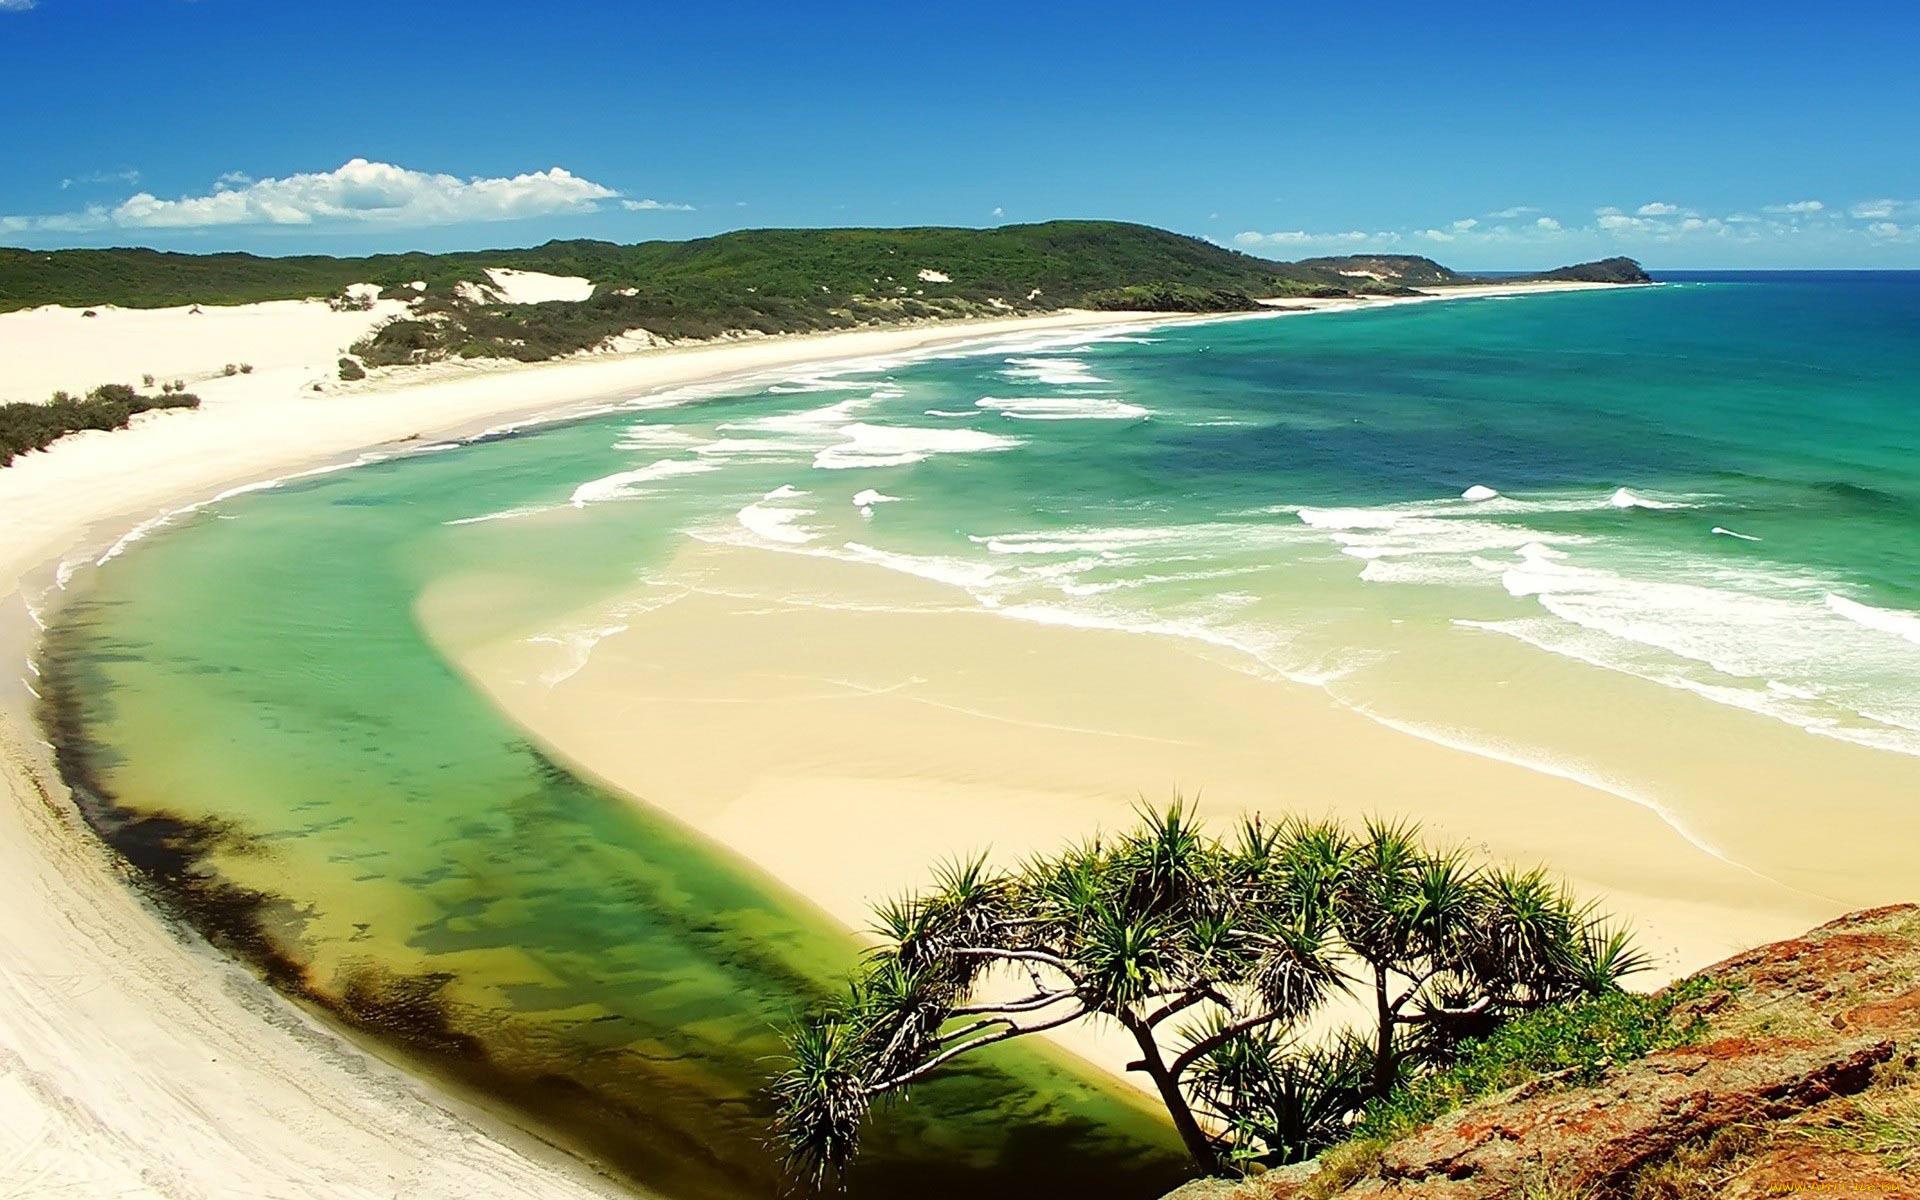 этой красивые фото моря и пляжа когда саша